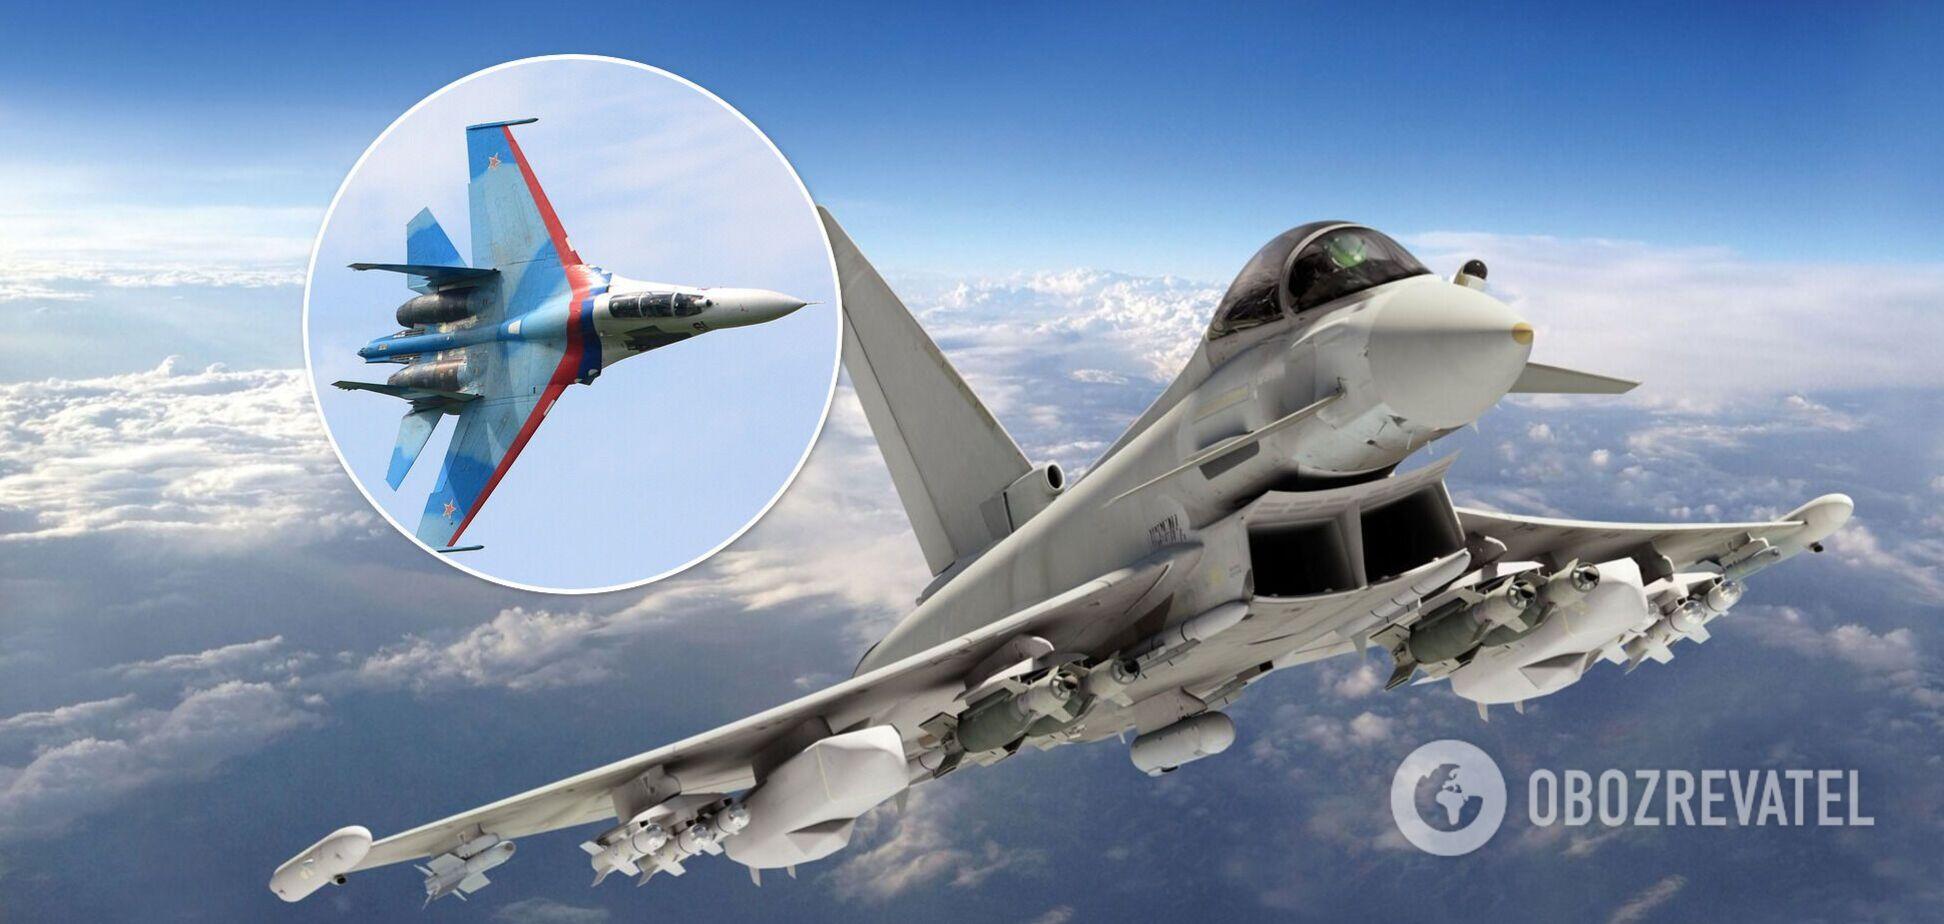 Винищувачі НАТО за тиждень сім разів перехоплювали літаки РФ: з'явилися подробиці